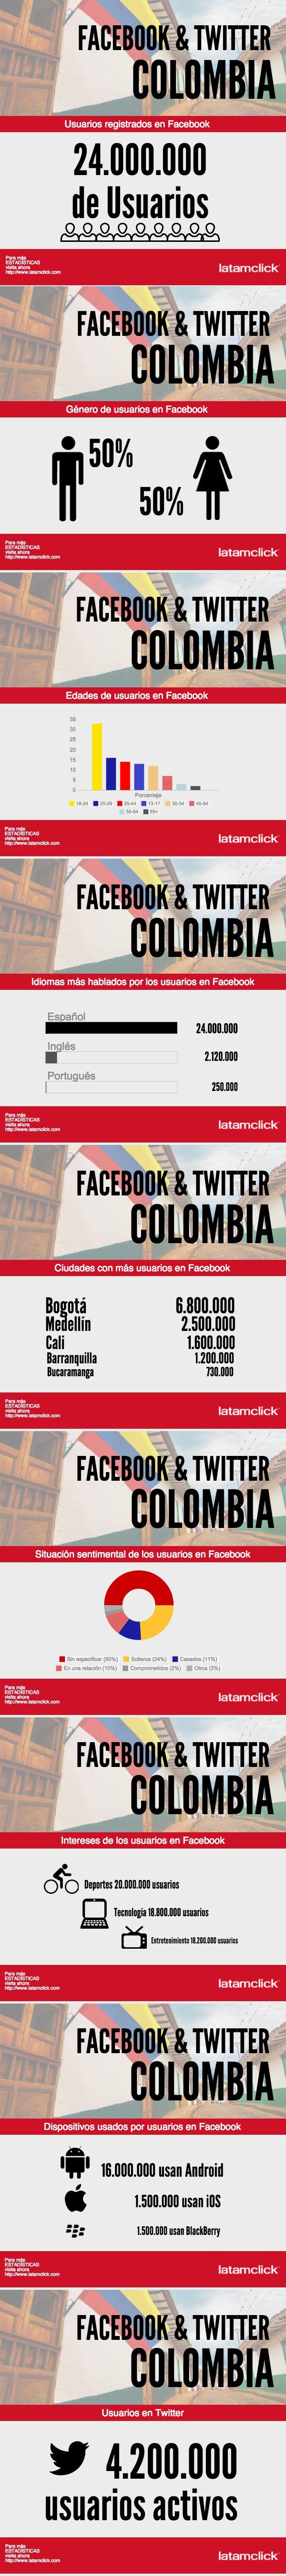 Estadística de Facebook y Twitter Colombia 2015. Infografía en español. #CommunityManager